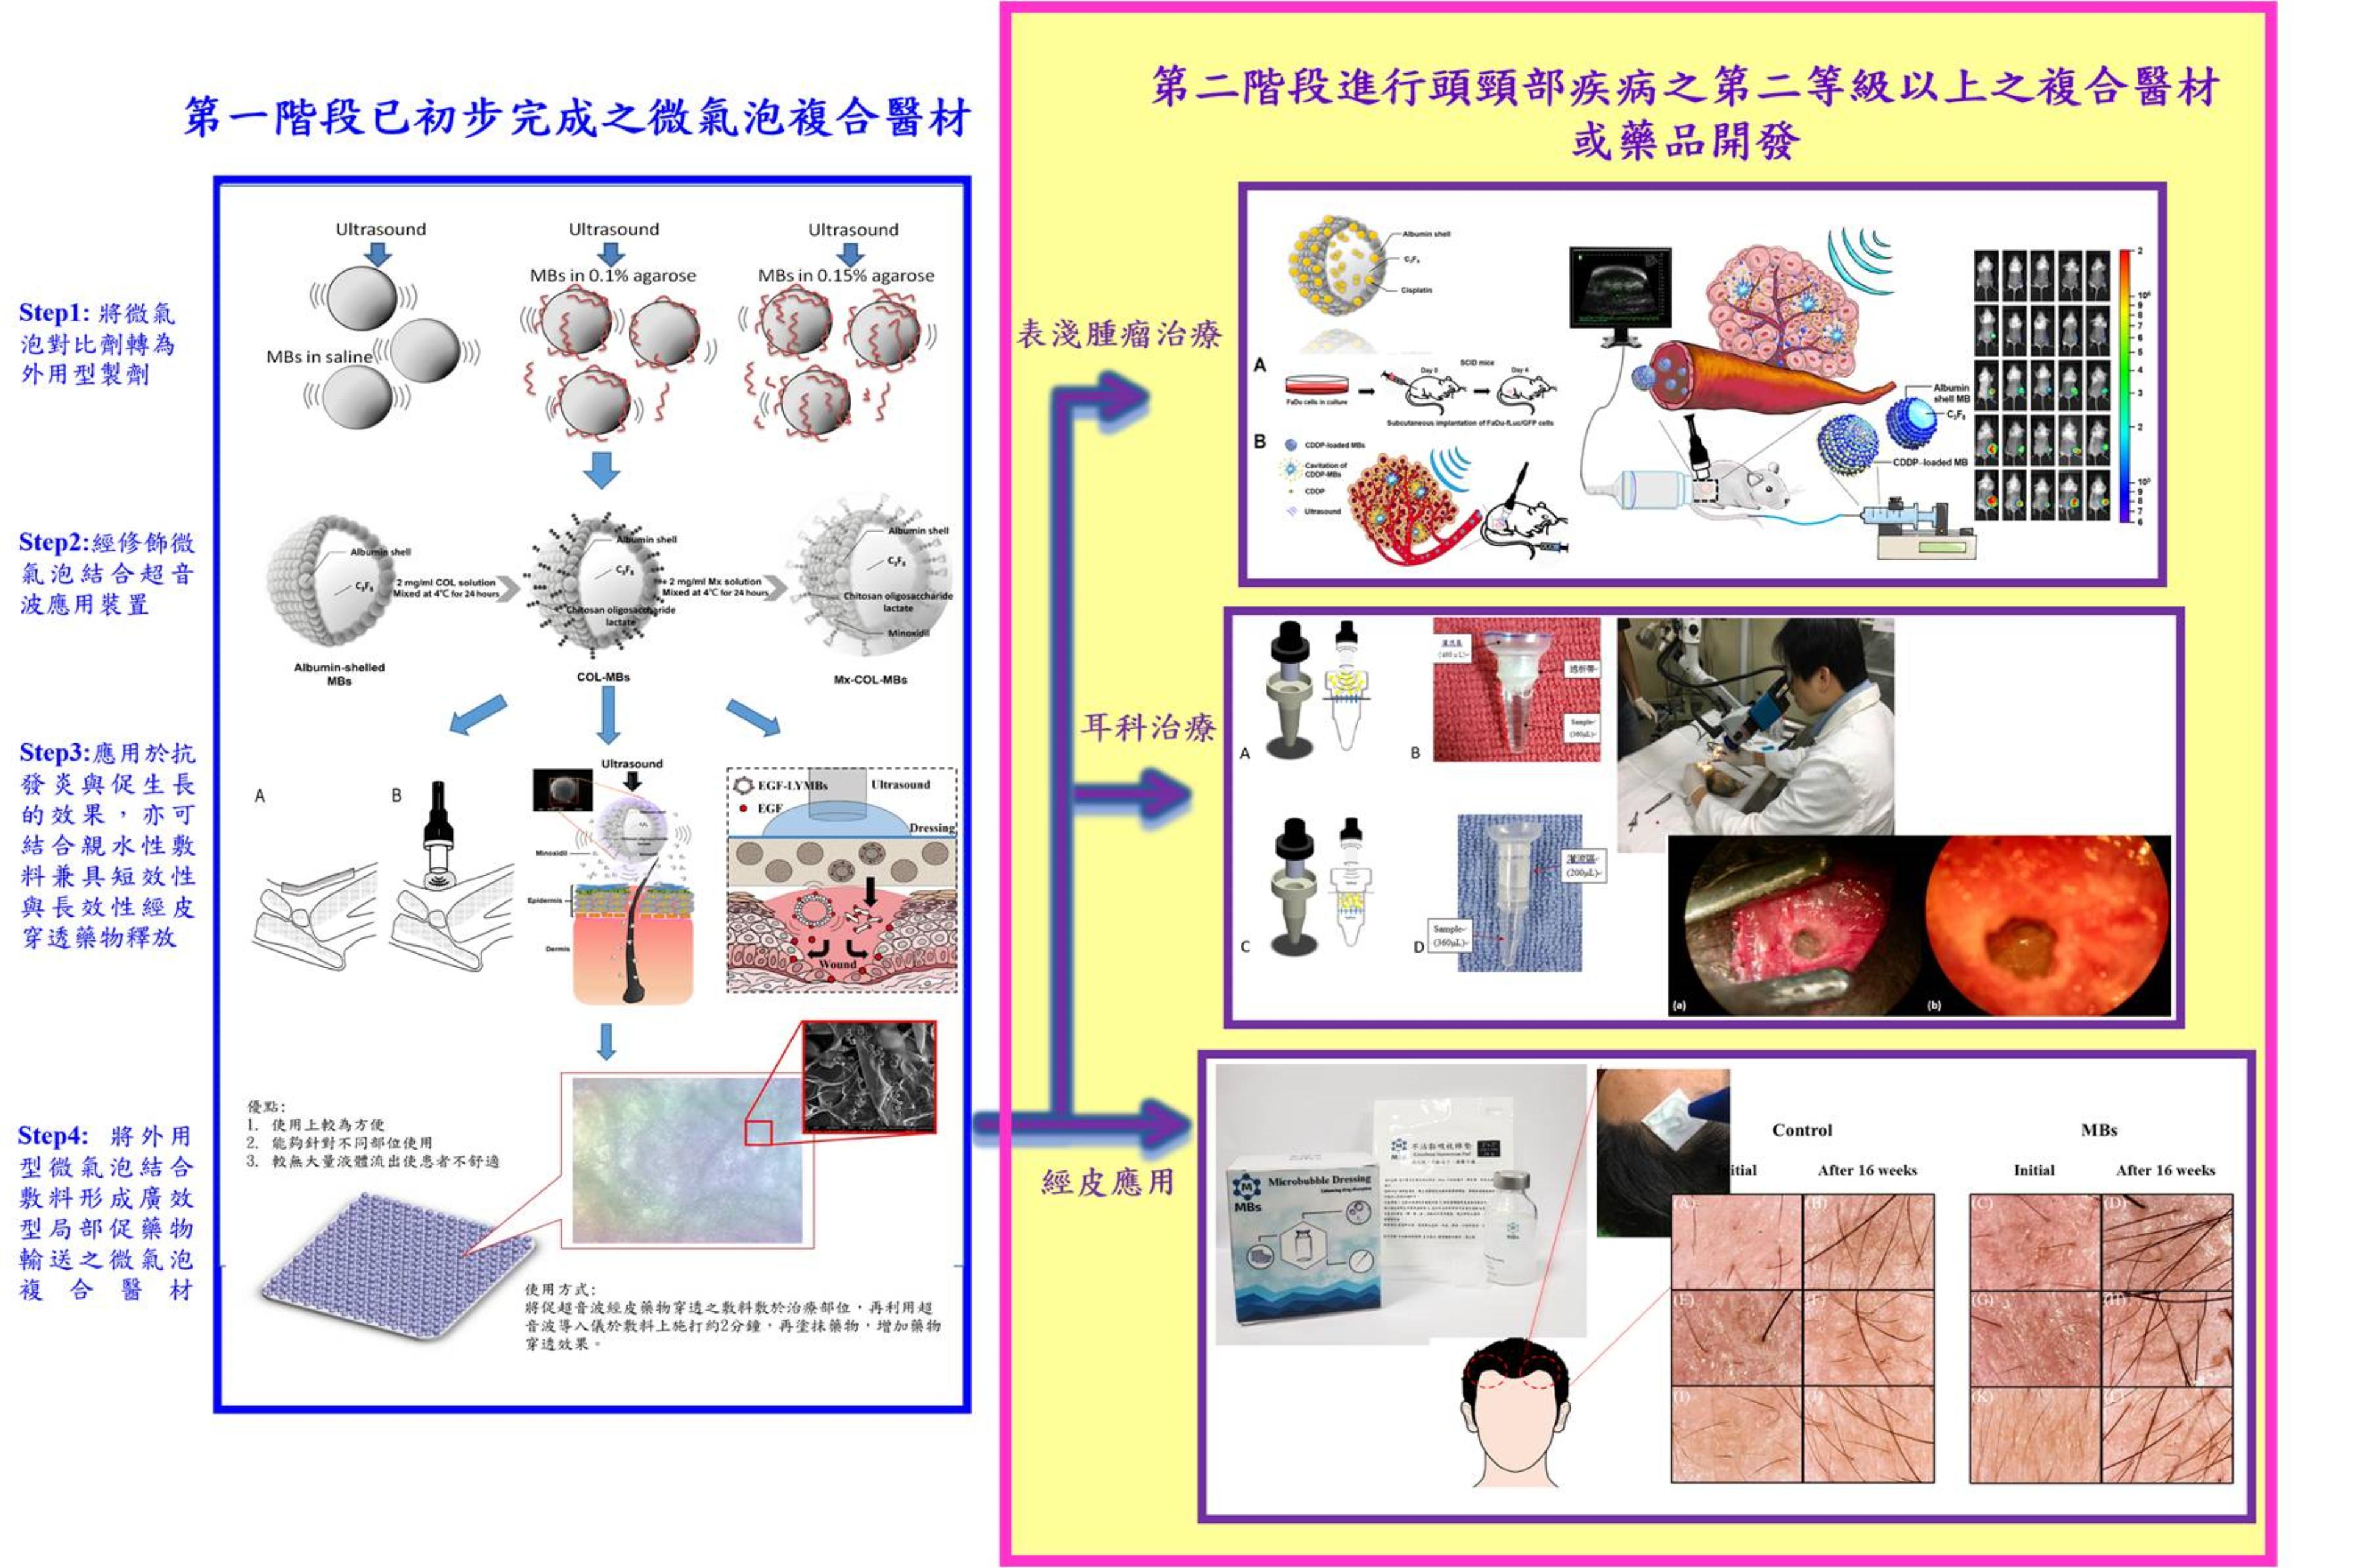 微氣泡複合醫材或藥品結合超音波於頭頸部疾病之發展